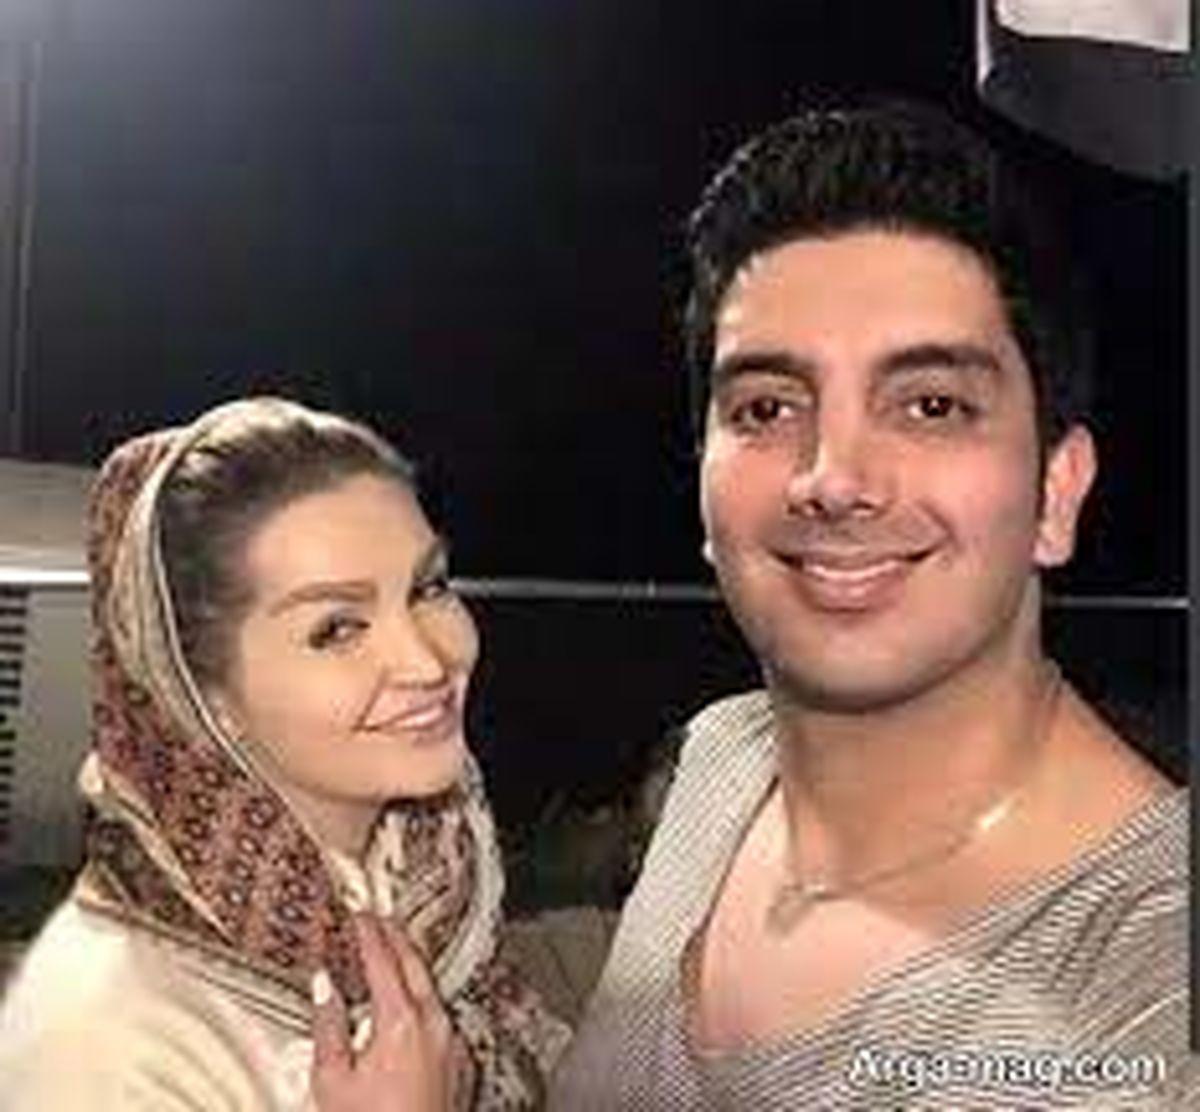 عکس های عاشقانه فرزاد فرزین و همسر جوانش + عکس